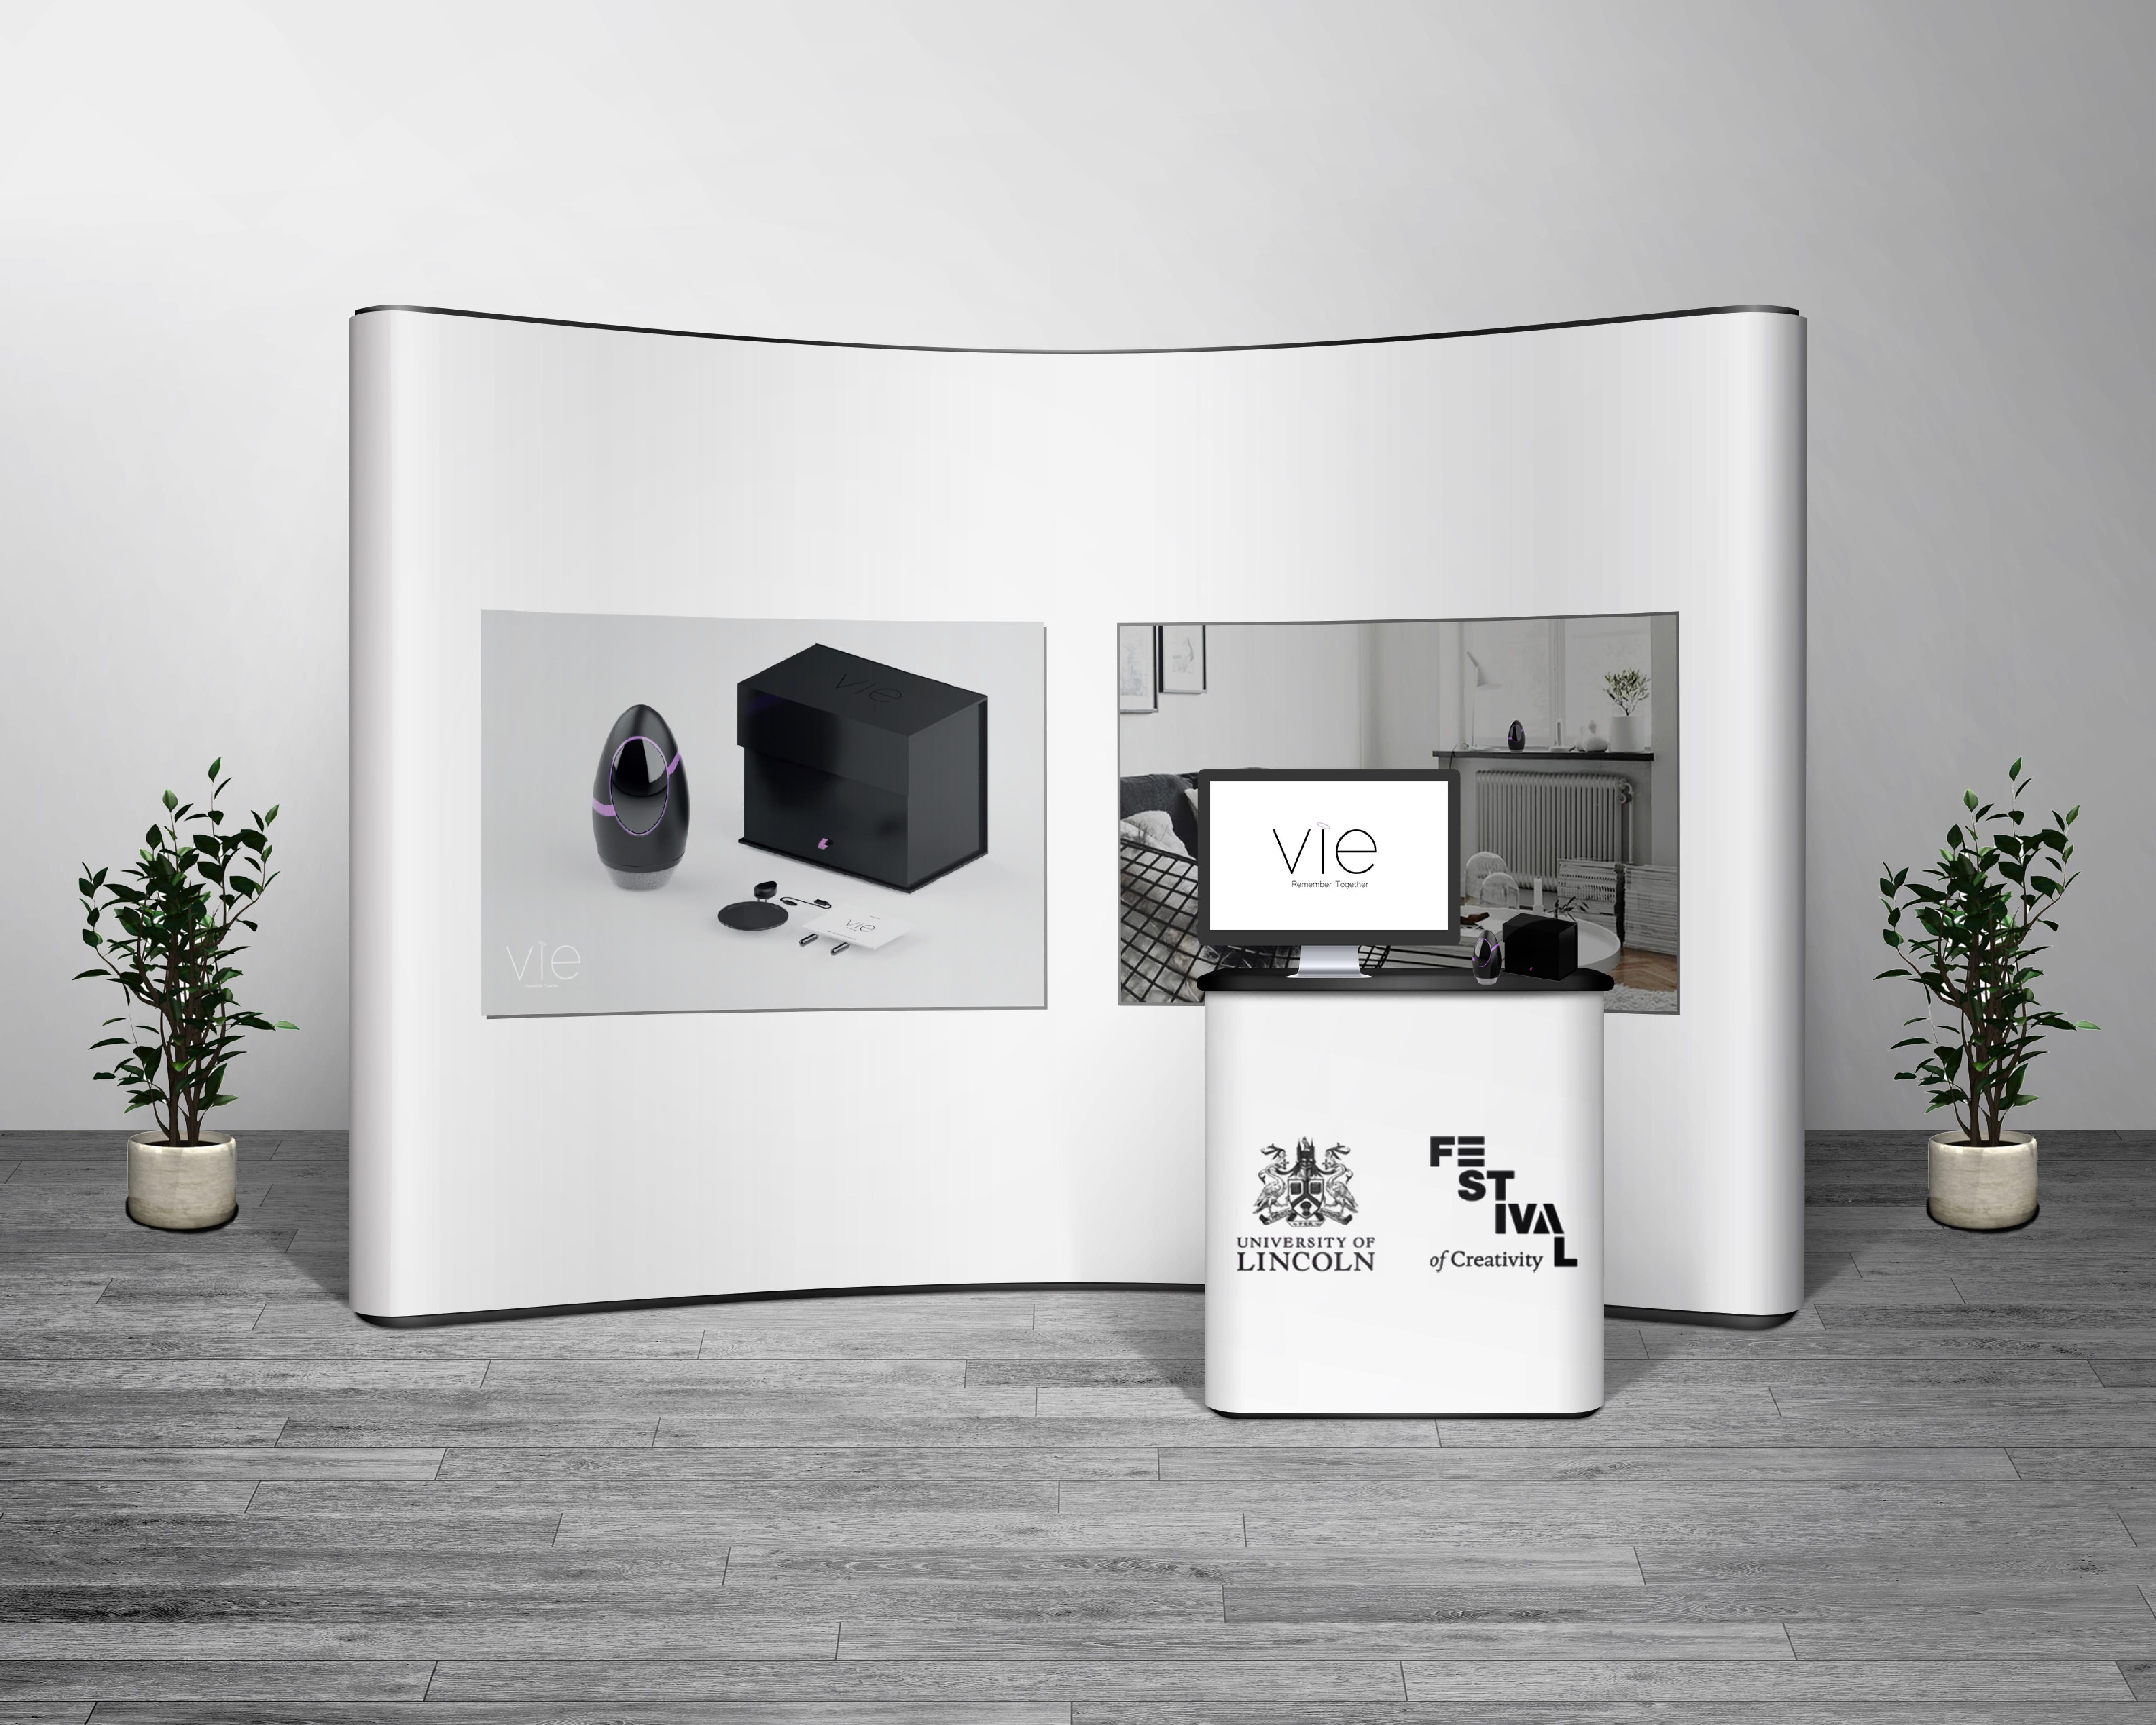 Imogen 4 showcase image